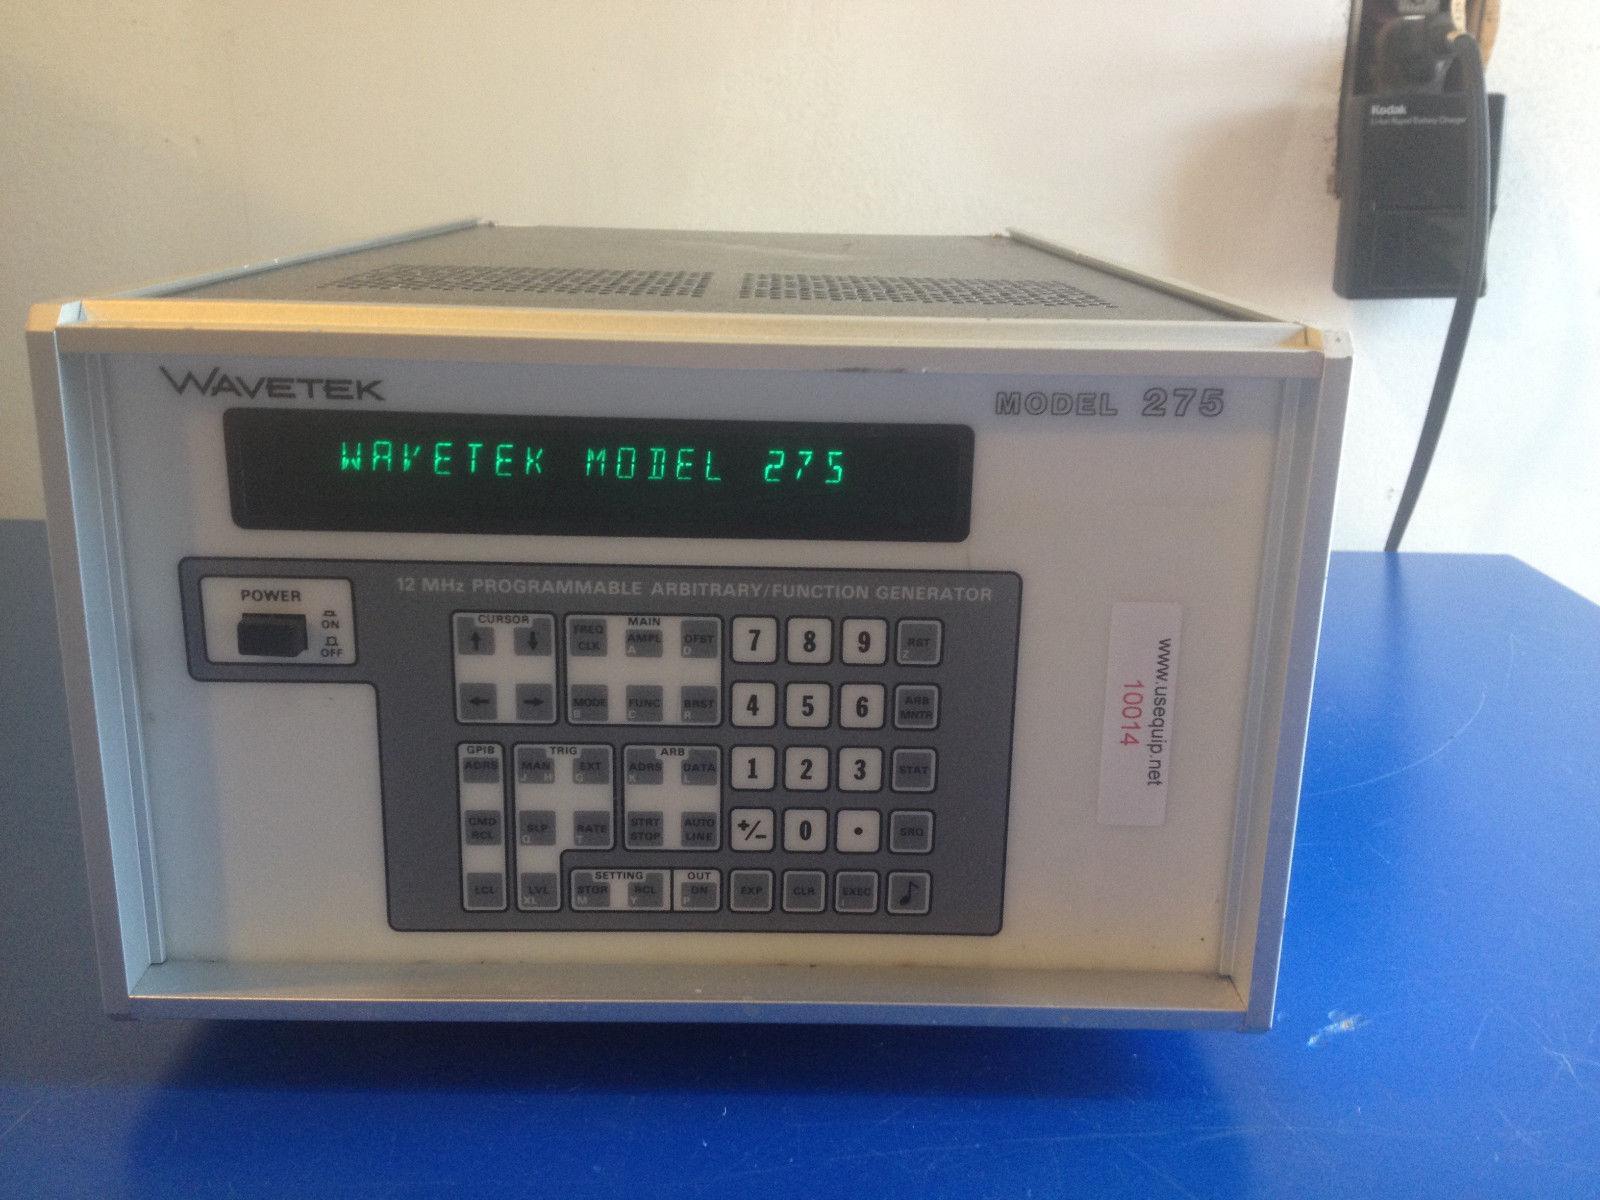 10014 WAVETEK 275 12MHZ PROGRAMMABLE ARIBITRARY / FUNCTION GENERATOR OPT. 2